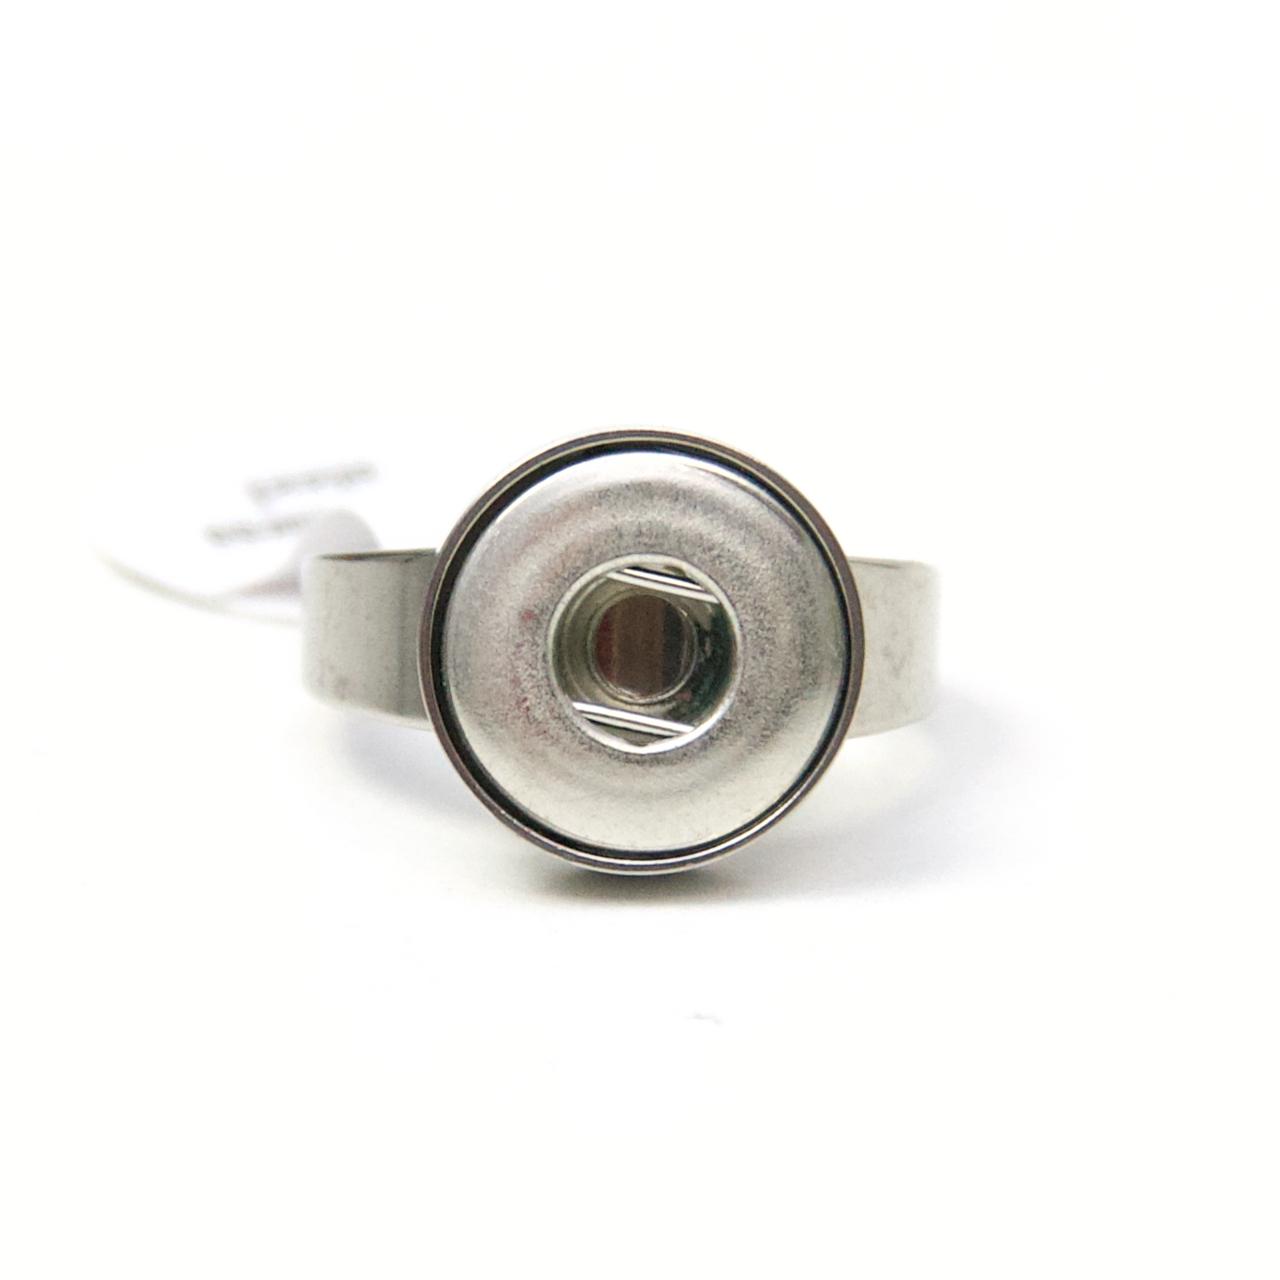 Druckknopf Ring Edelstahl für 10mm Druckknopf